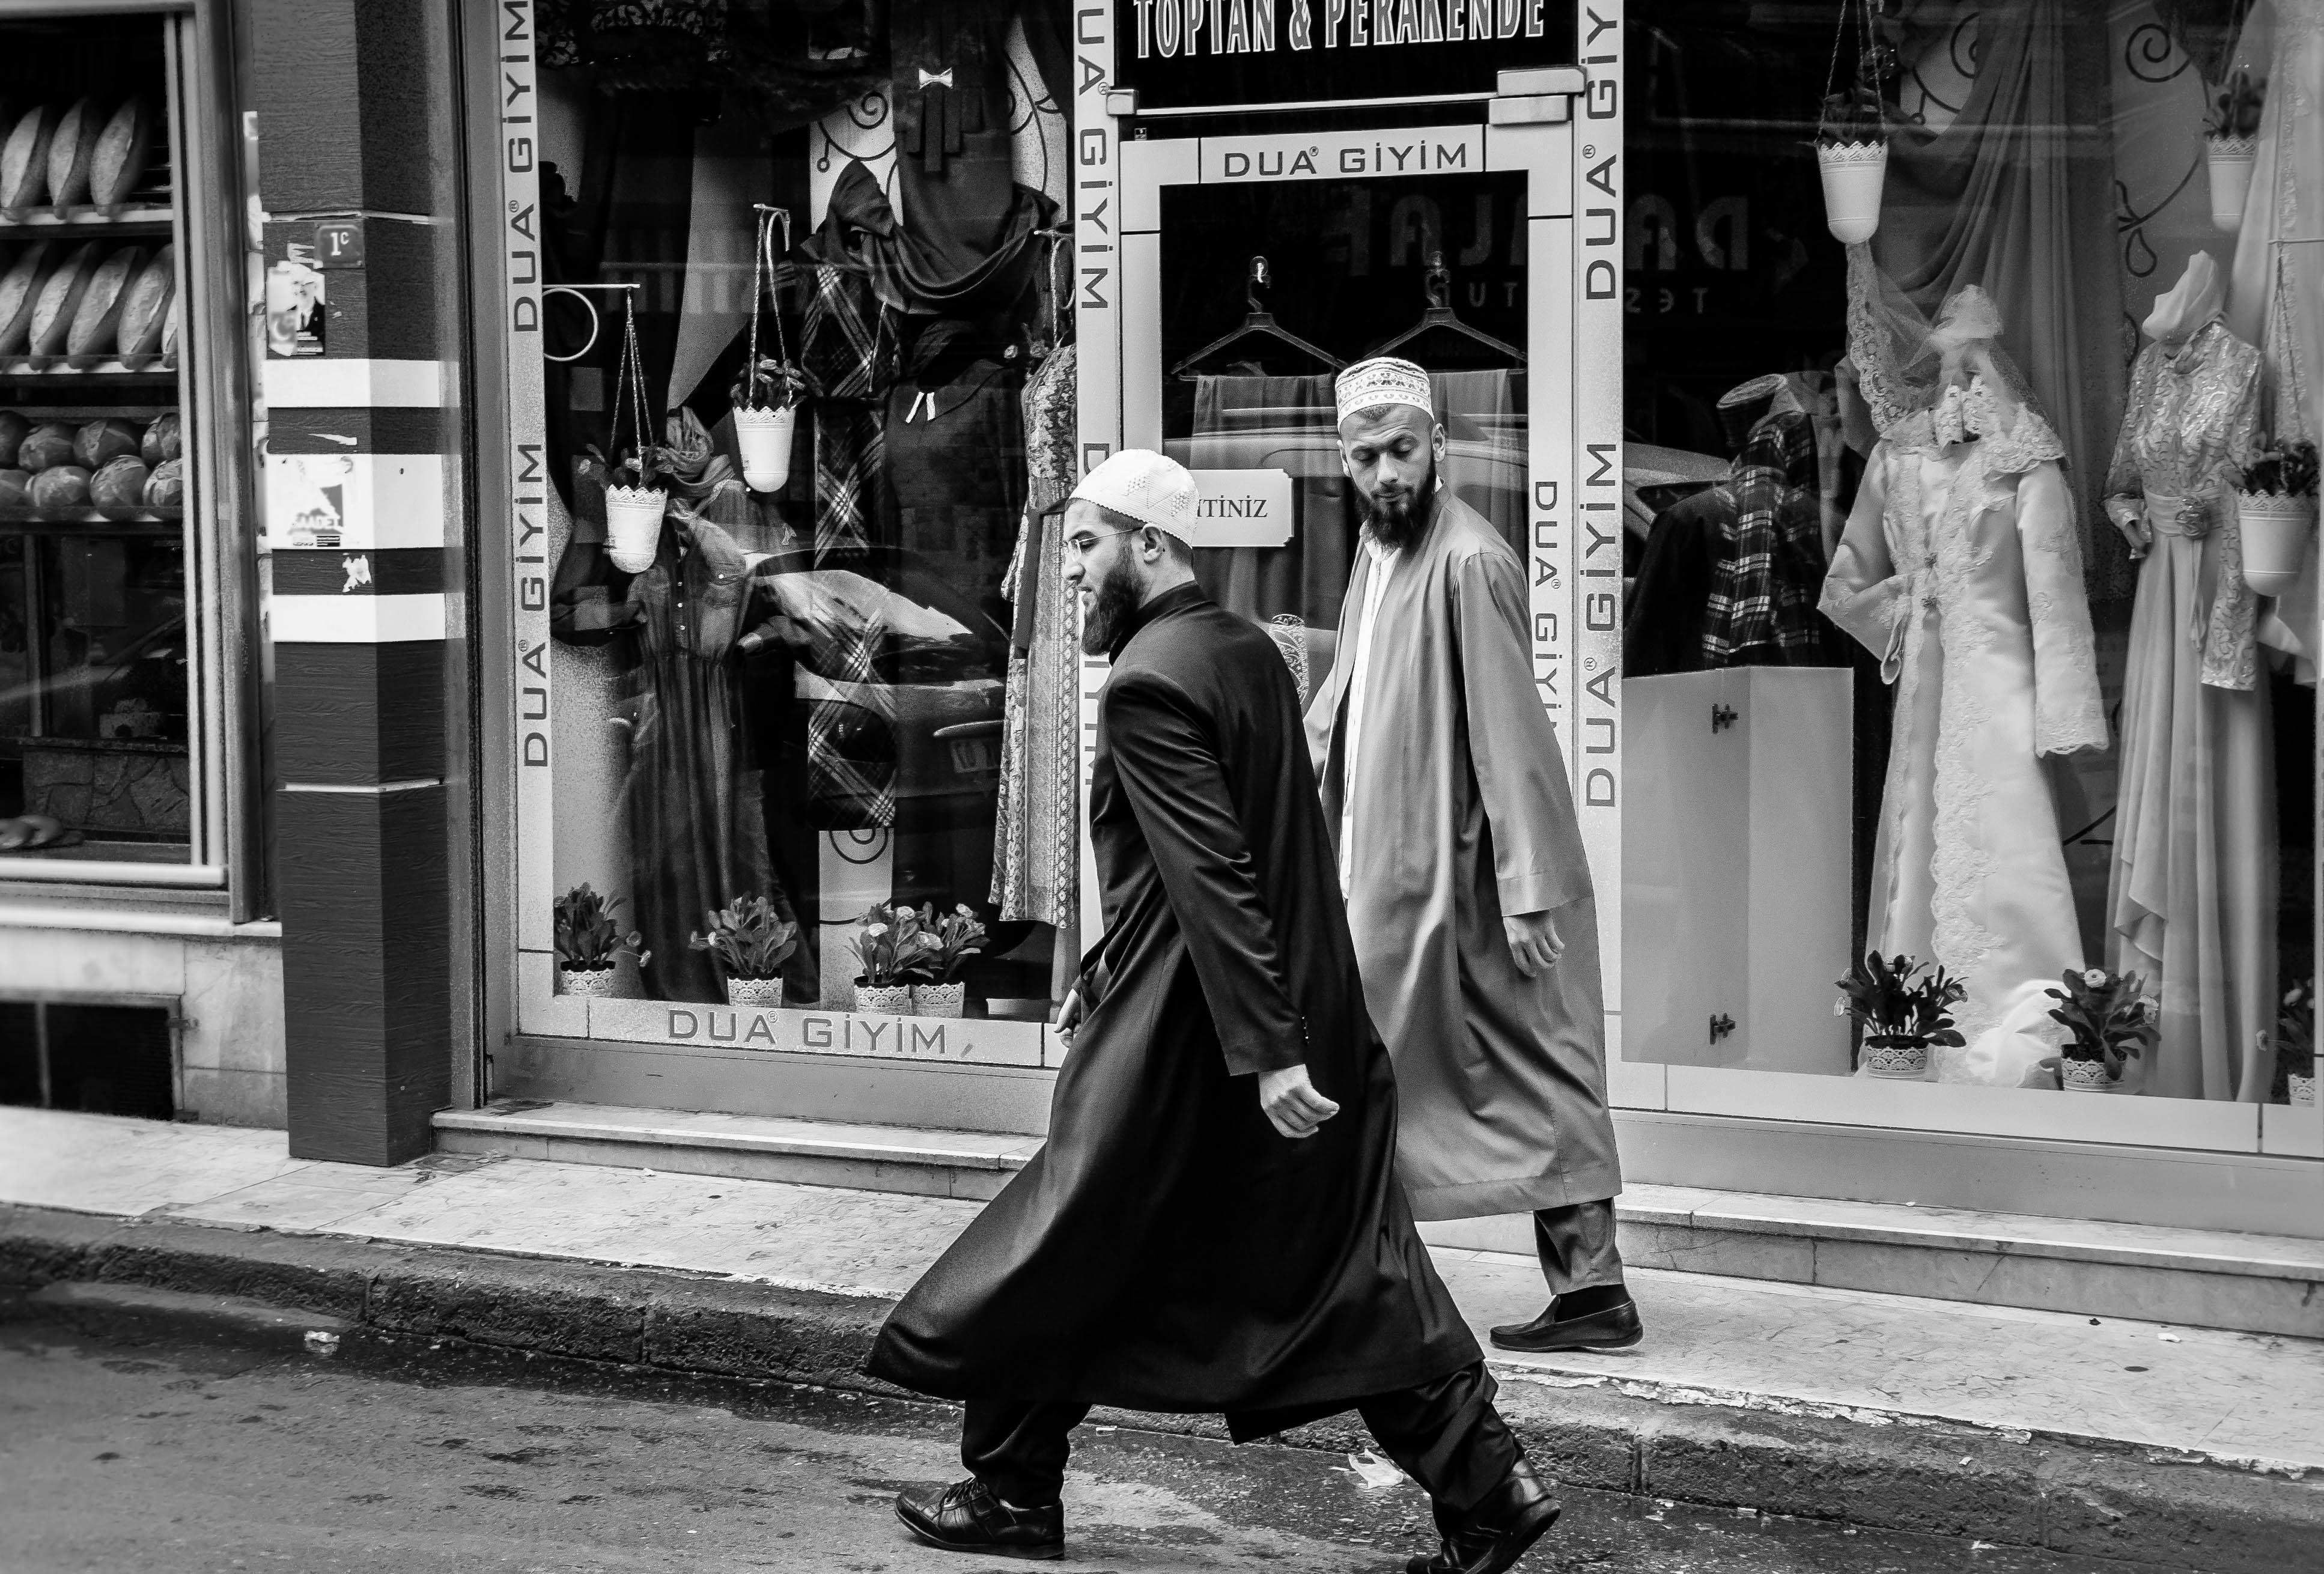 Flickr - Schegge di Istanbul, la gente di Fathi